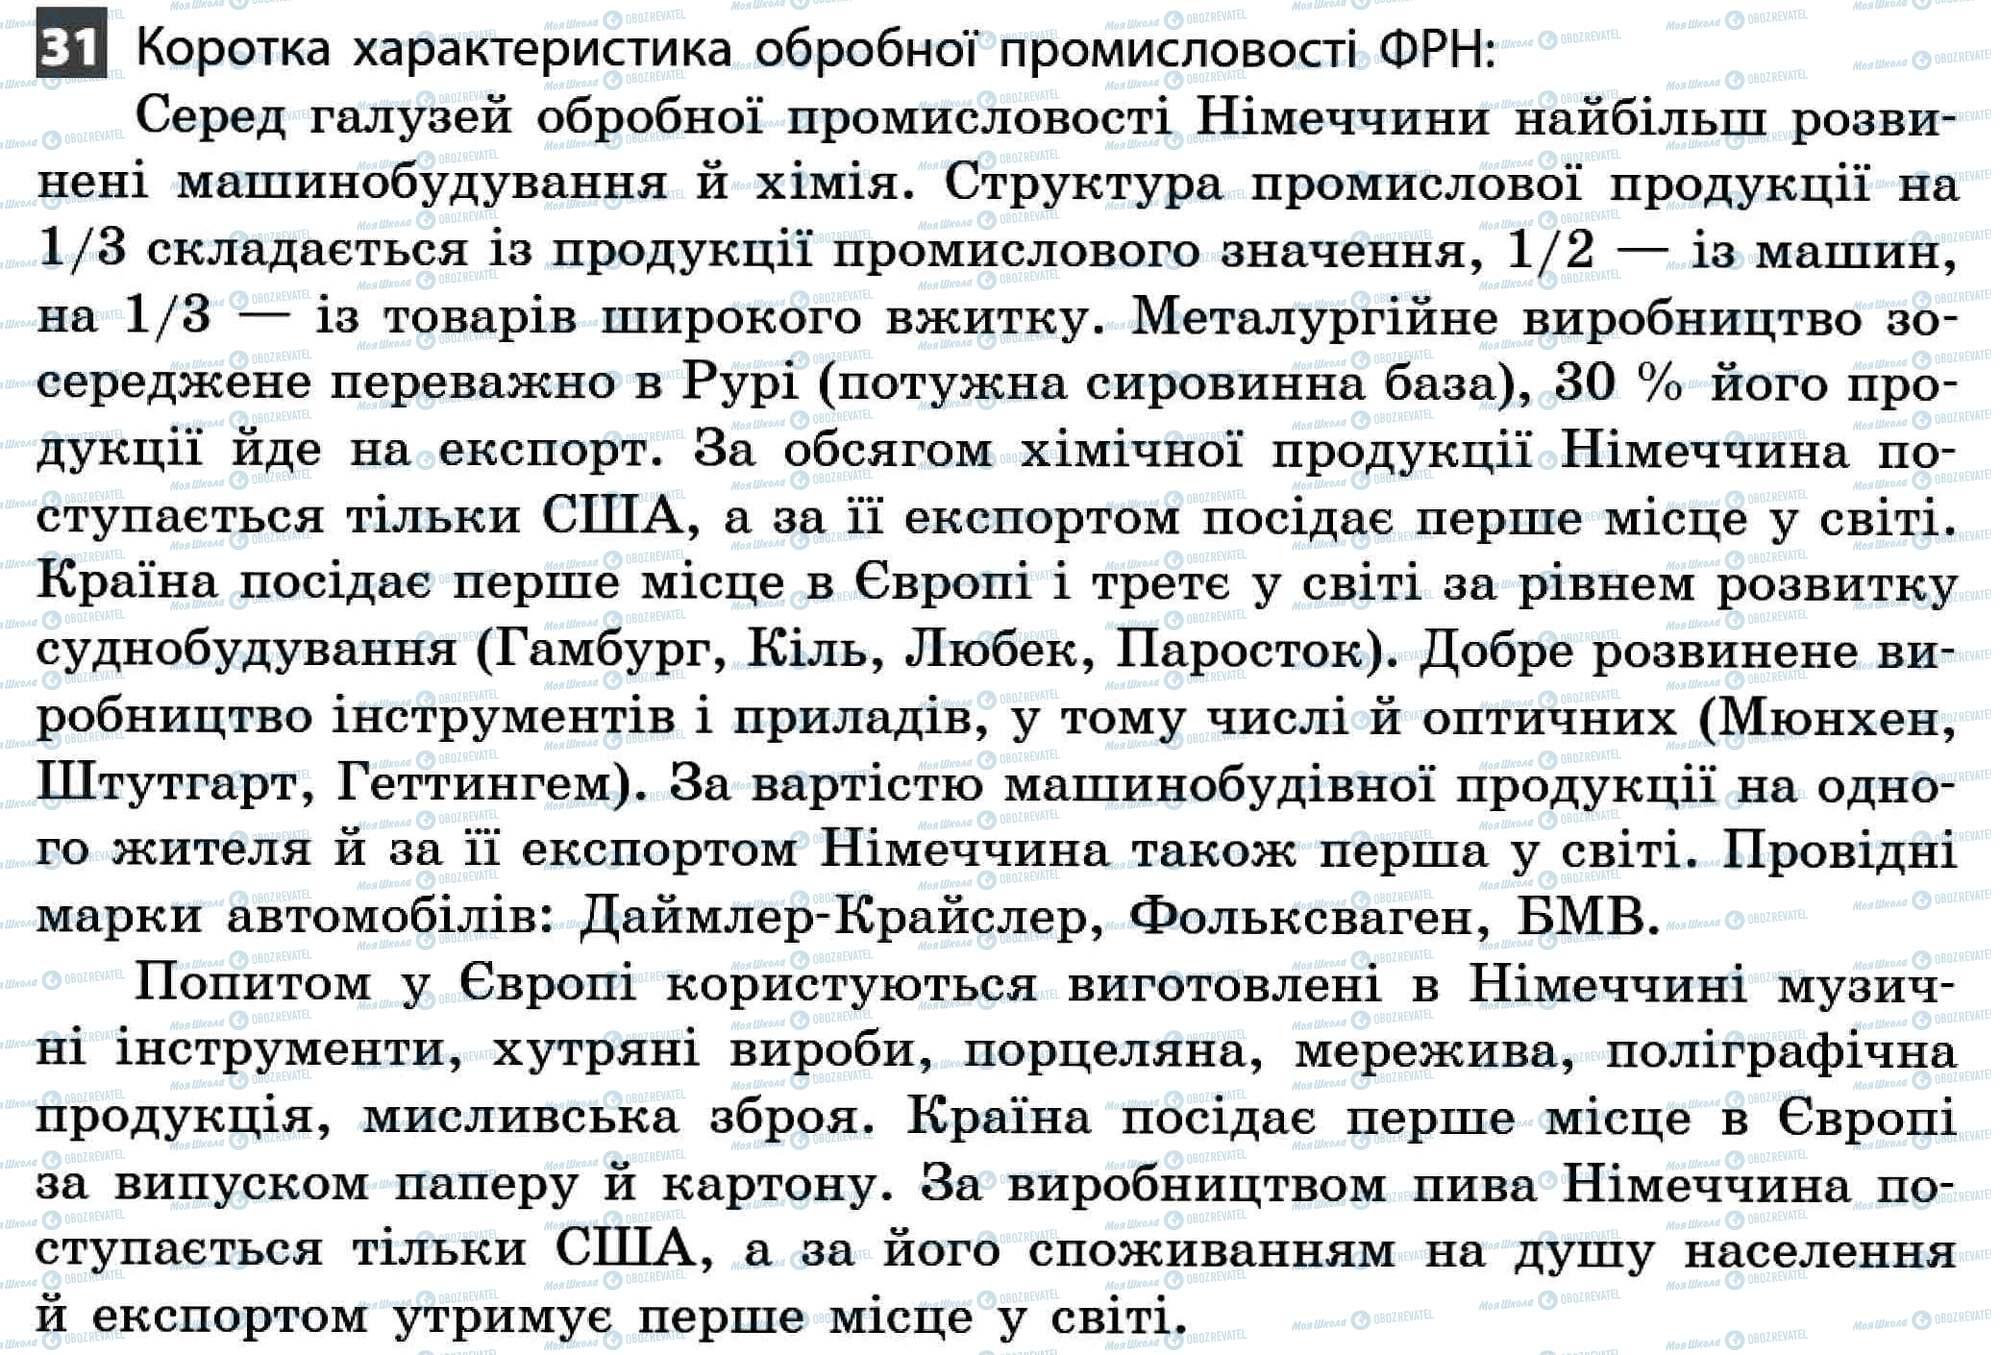 ДПА Географія 11 клас сторінка 31